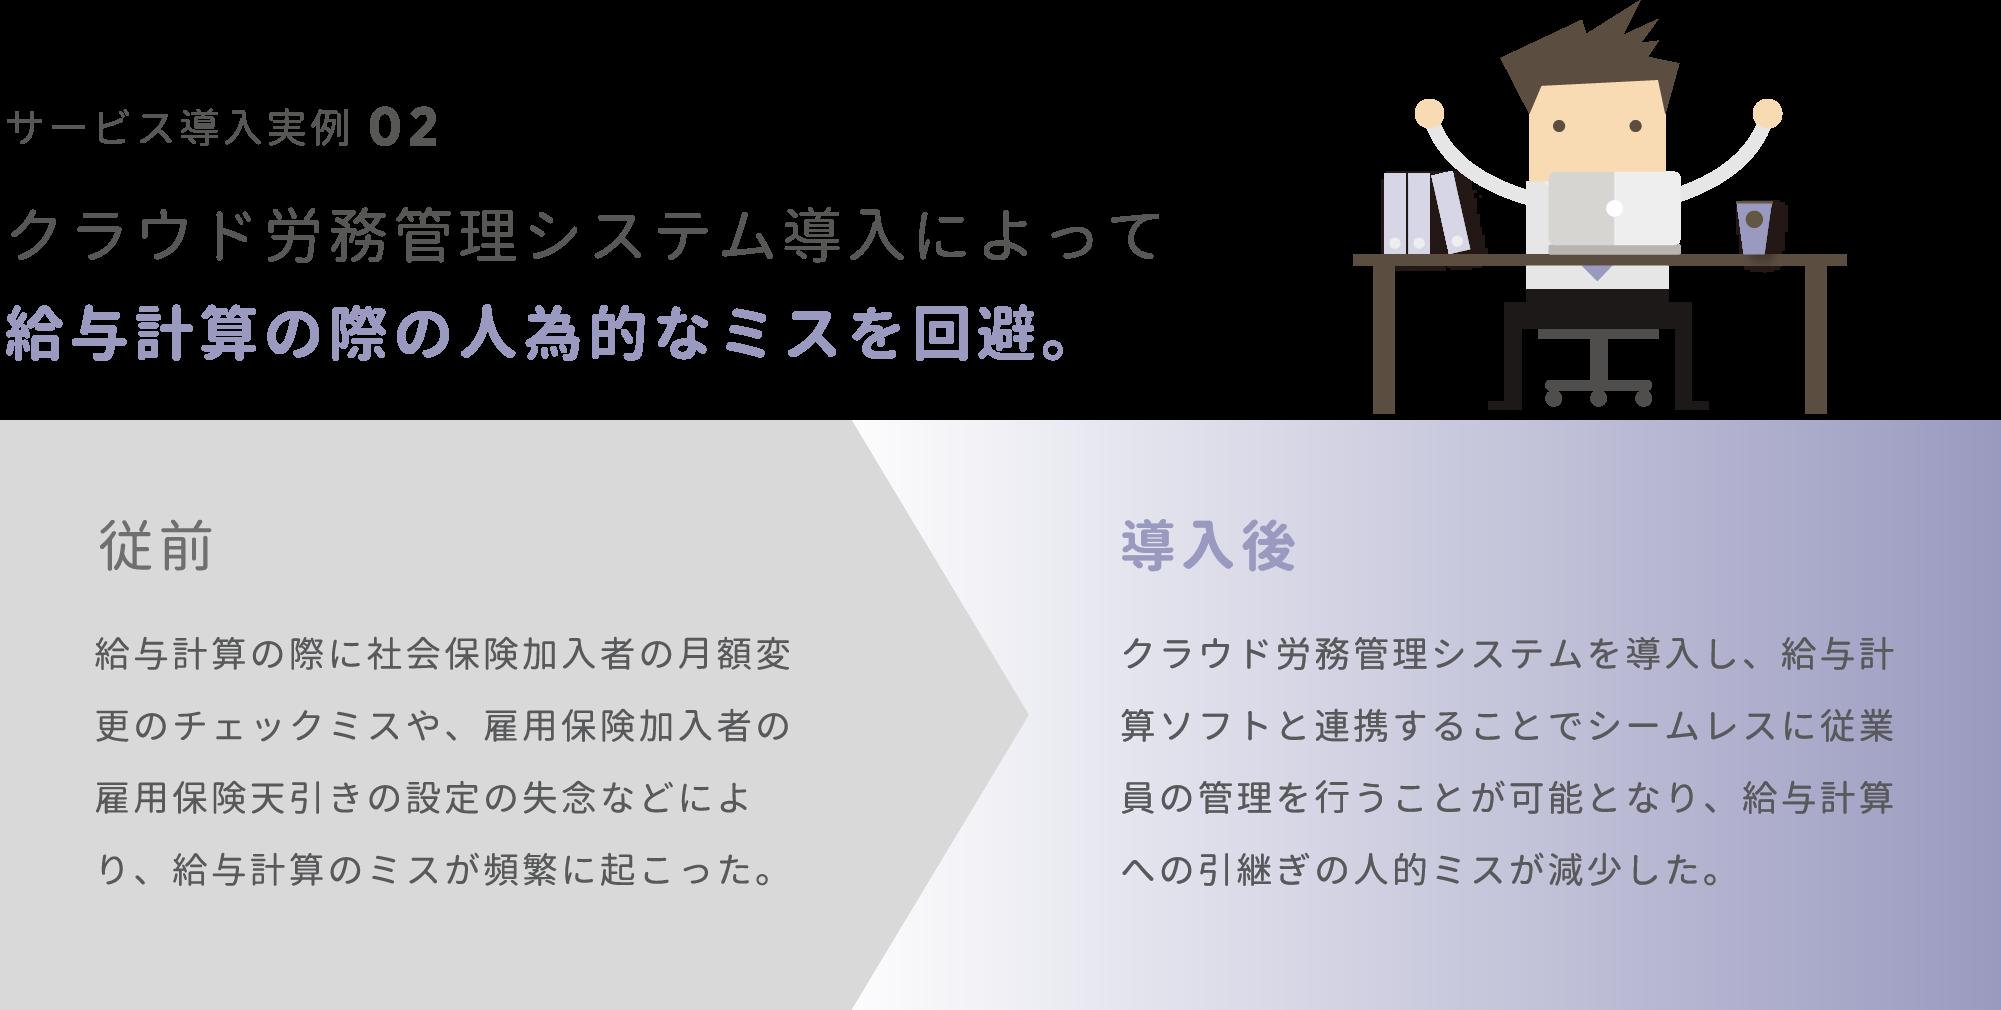 クラウド労務管理システム導入によって給与計算の際の人為的なミスを回避。 / 従前:給与計算の際に社会保険加入者の月額変更のチェックミスや、雇用保険加入者の雇用保険天引きの設定の失念などにより、給与計算のミスが頻繁に起こった。導入後:クラウド労務管理システムを導入し、給与計算ソフトと連携することでシームレスに従業員の管理を行うことが可能となり、給与計算への引継ぎの人的ミスが減少した。